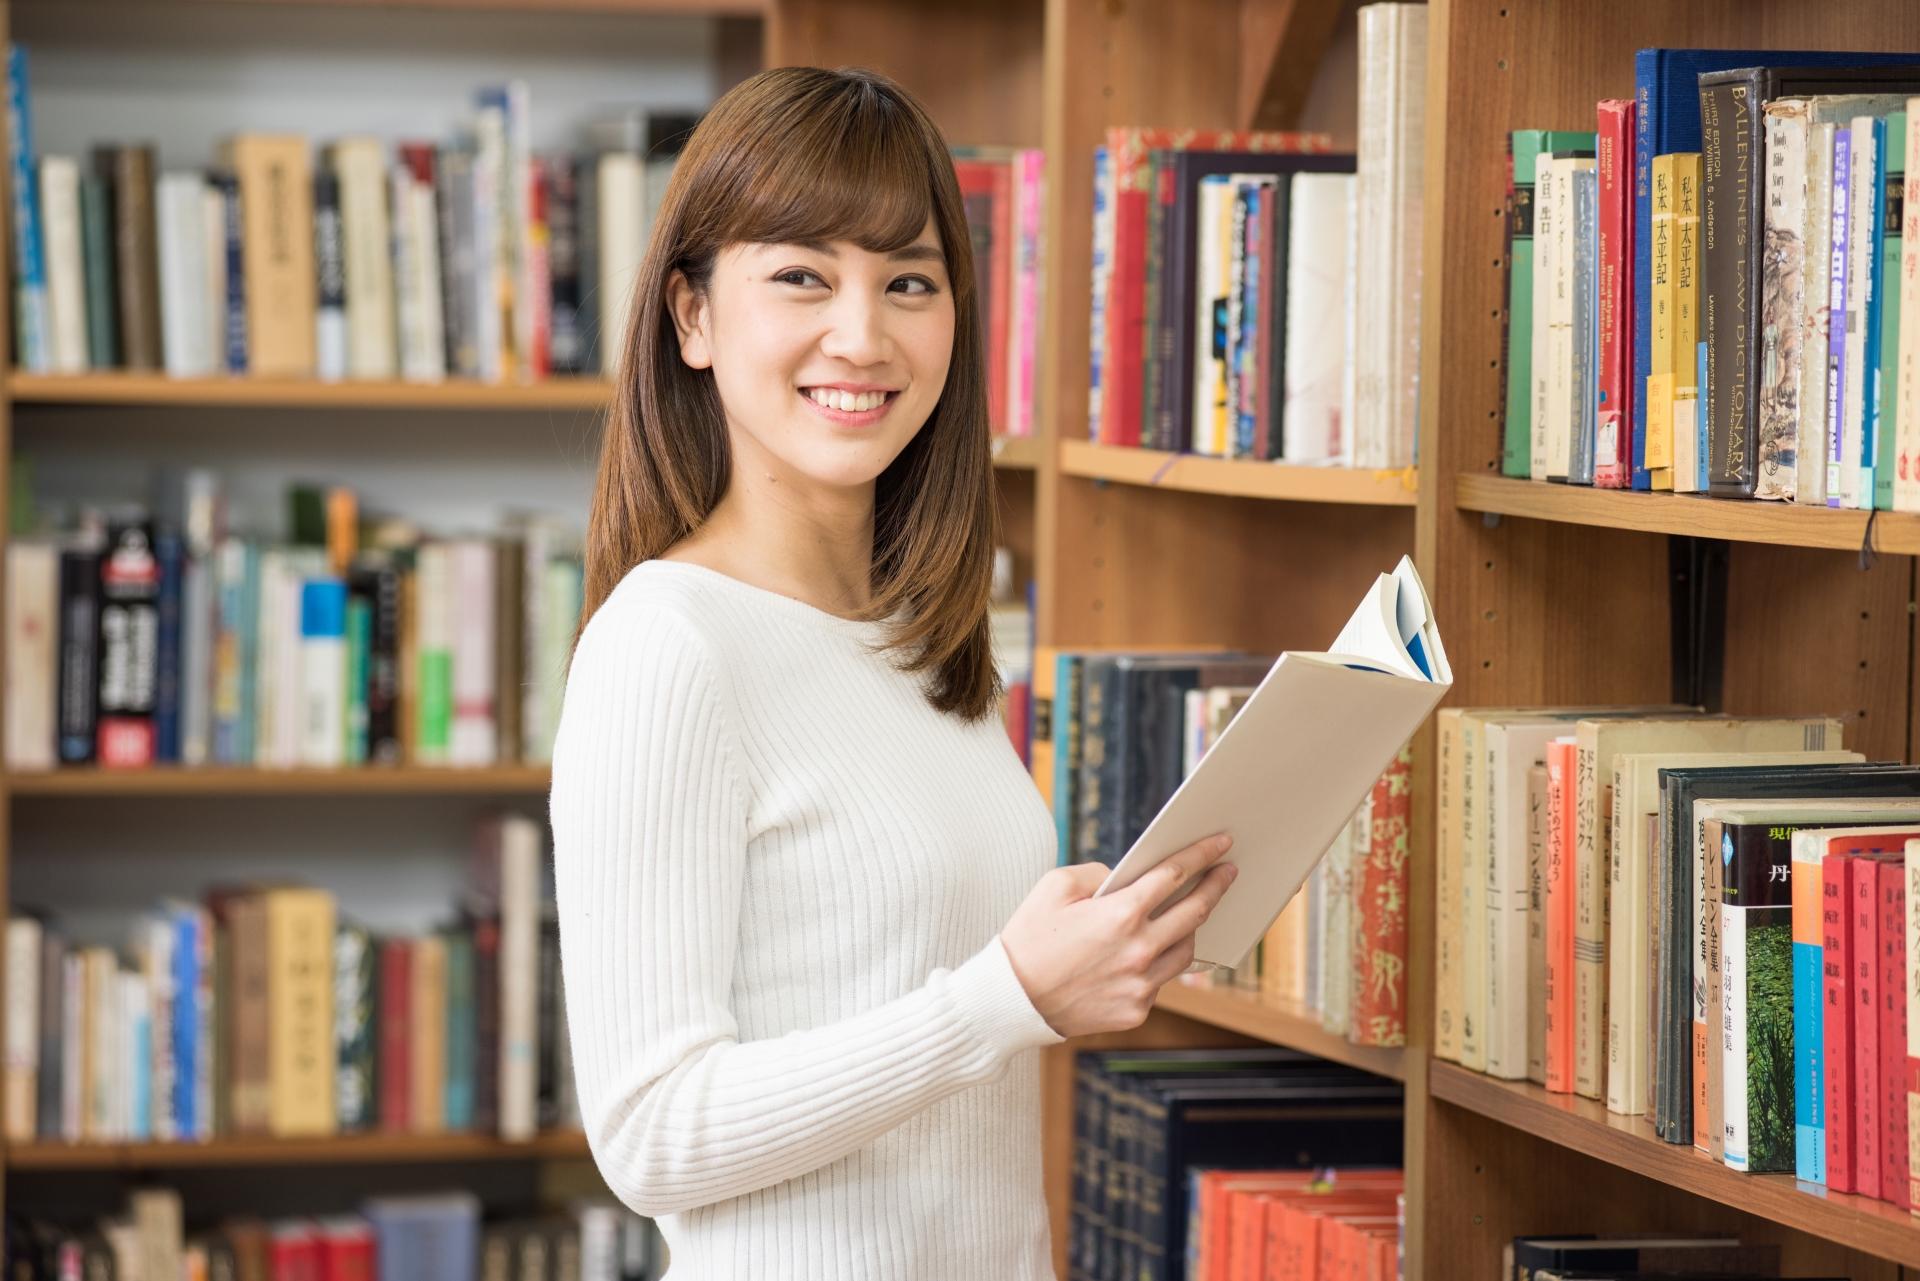 まんが王国|クーポン取得方法と使い方・無料で読めるじっくり試し読みとは?